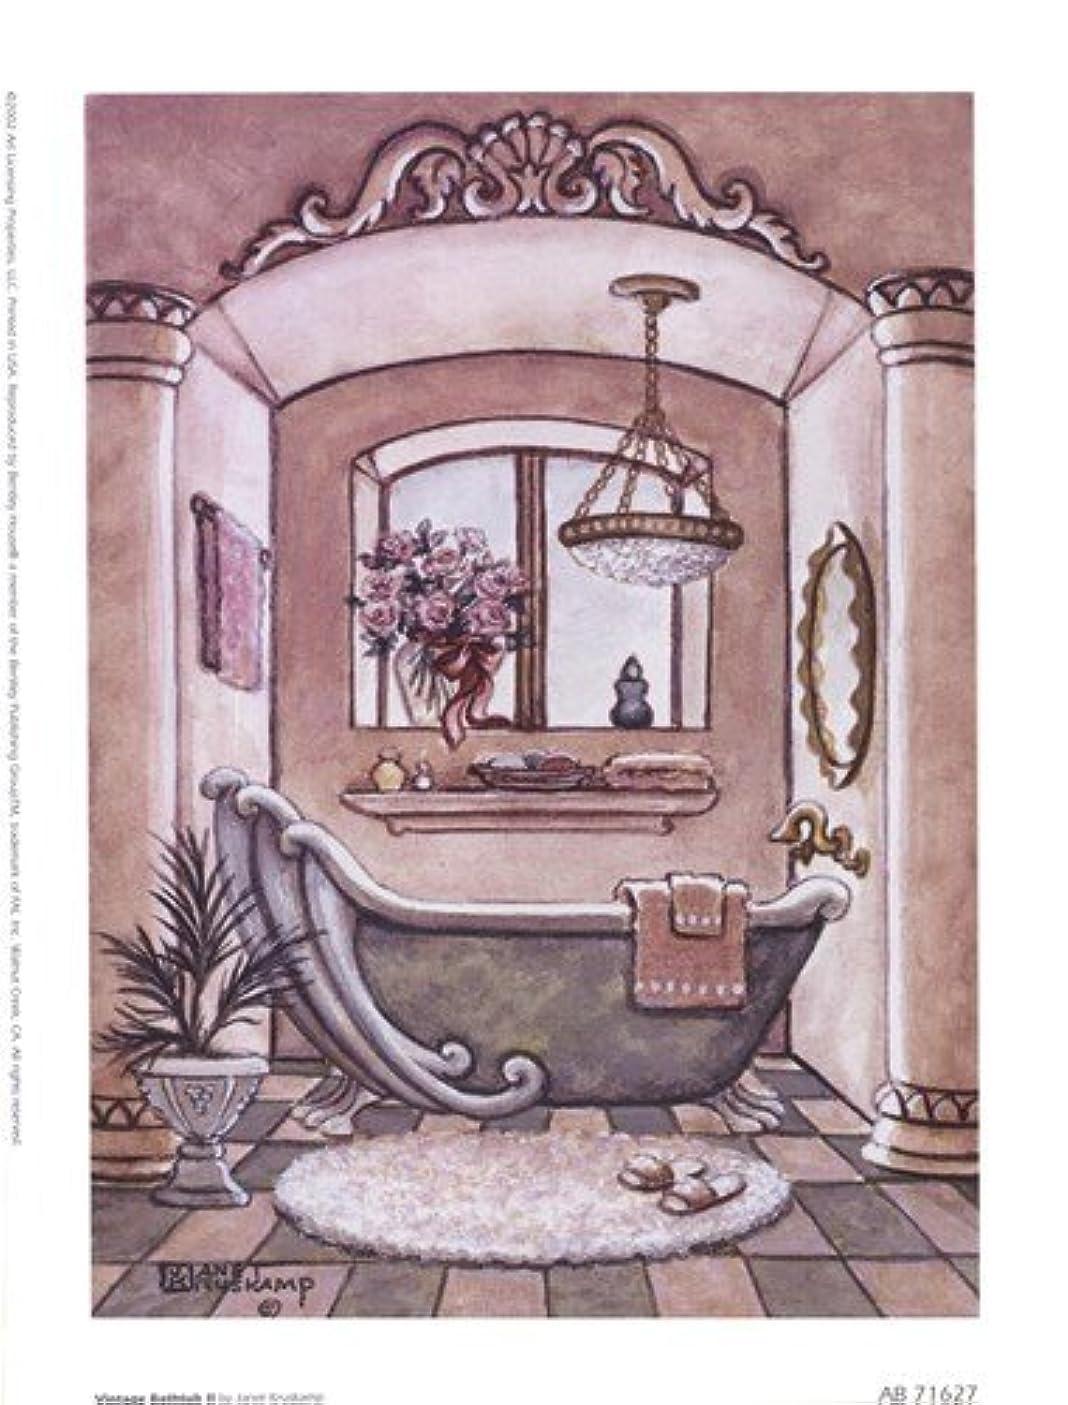 メロドラマティック安全でないシャイニングヴィンテージ浴槽LL by Janet Kruskamp – 6 x 8インチ – アートプリントポスター LE_66687